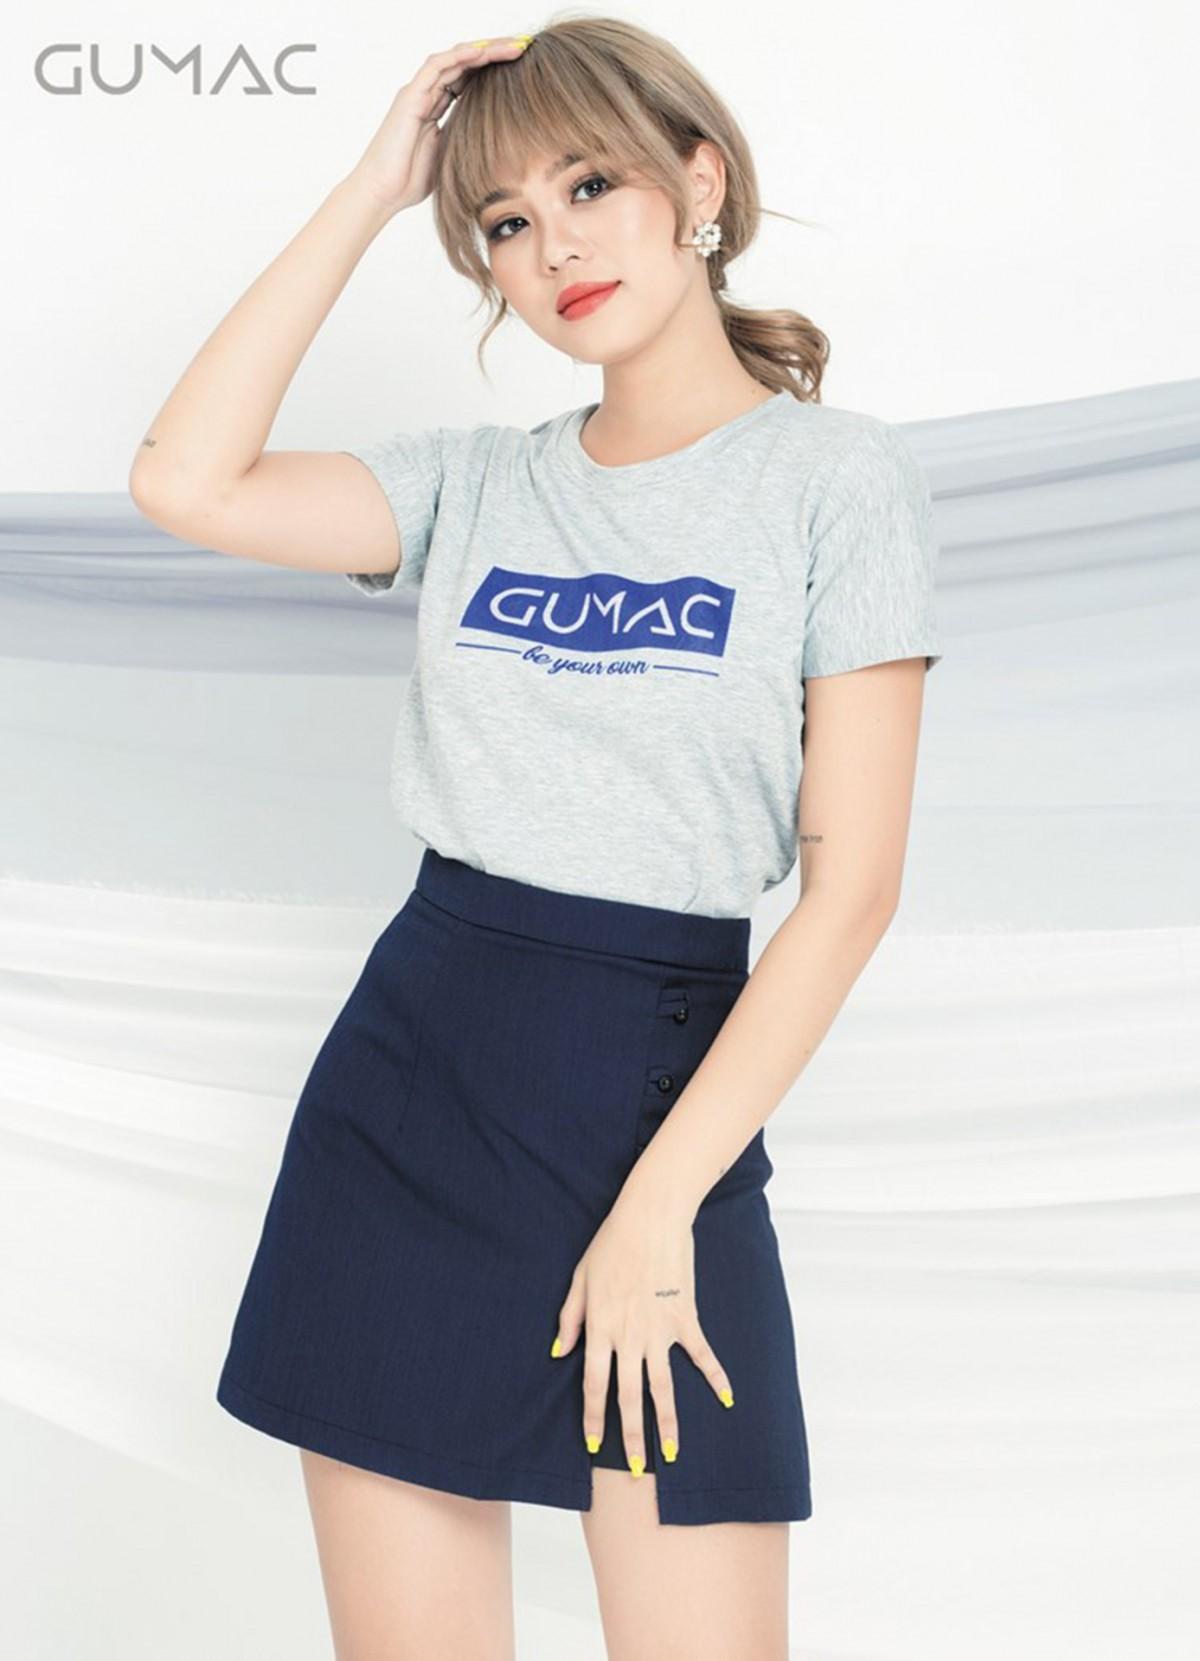 Les vêtements personnalisés, publicitaires